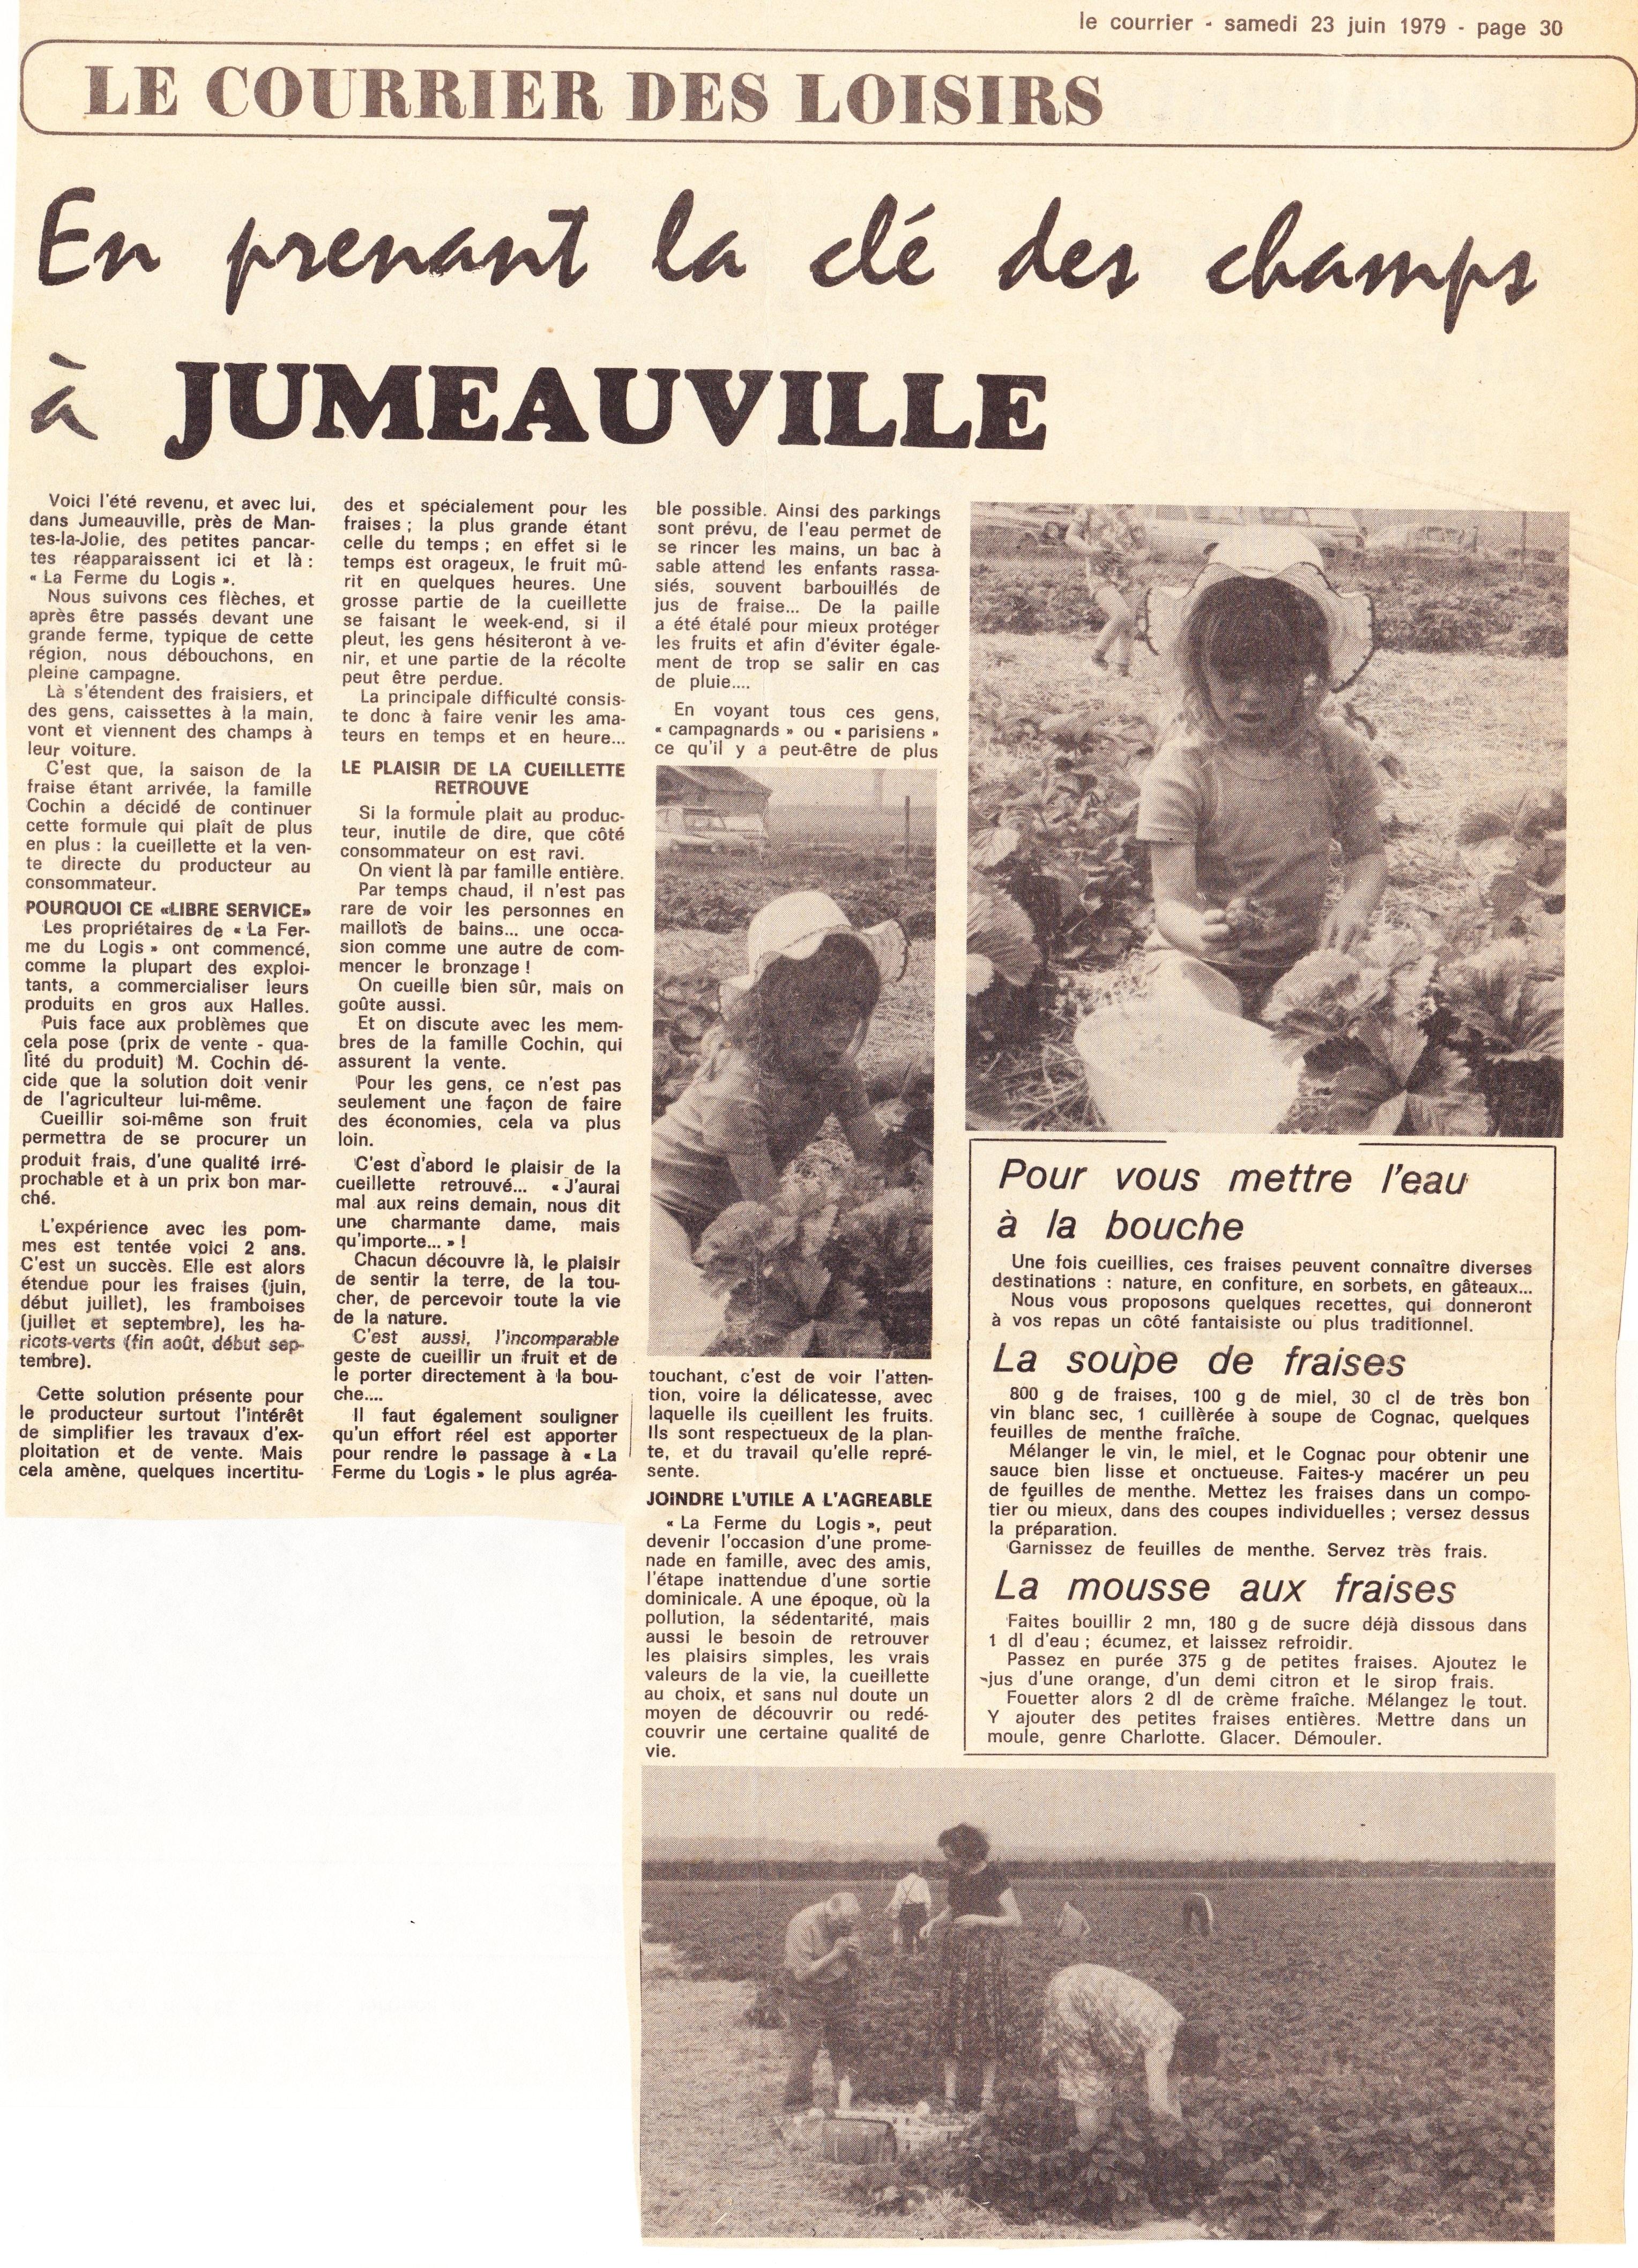 1979 juin Le Courrier